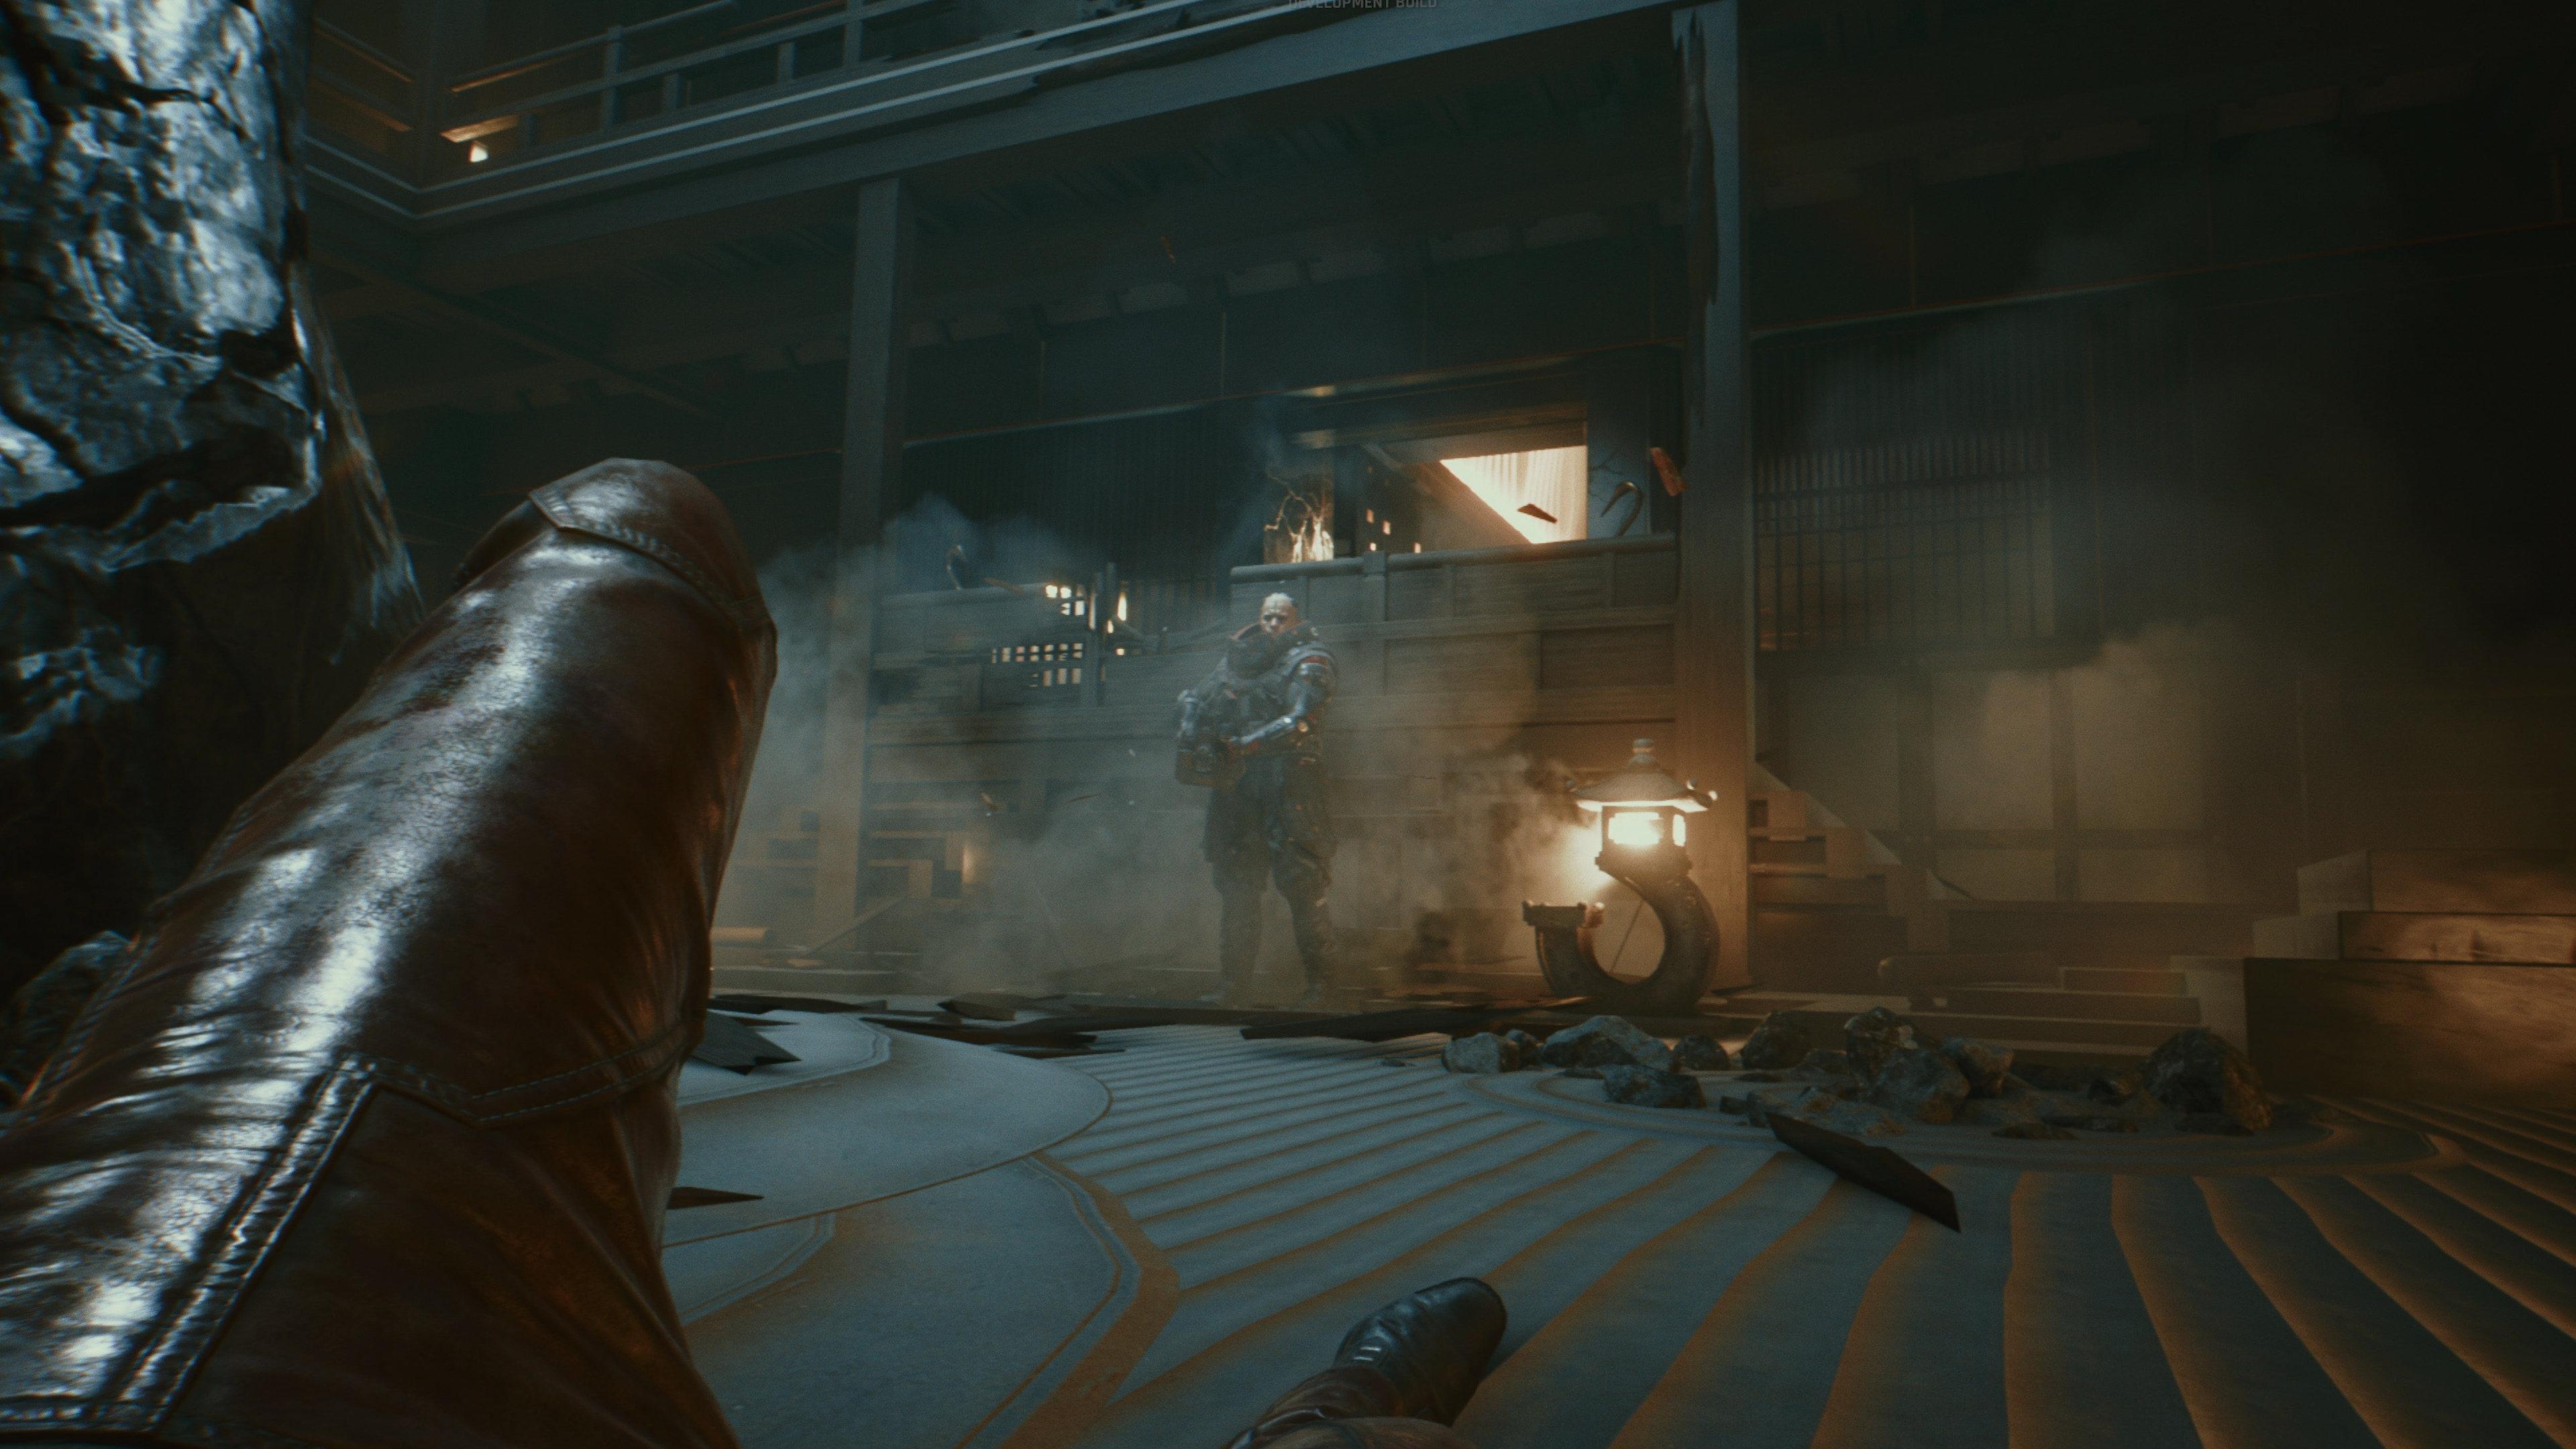 《赛博朋克2077》IGN试玩前瞻 内容丰富让人沉迷